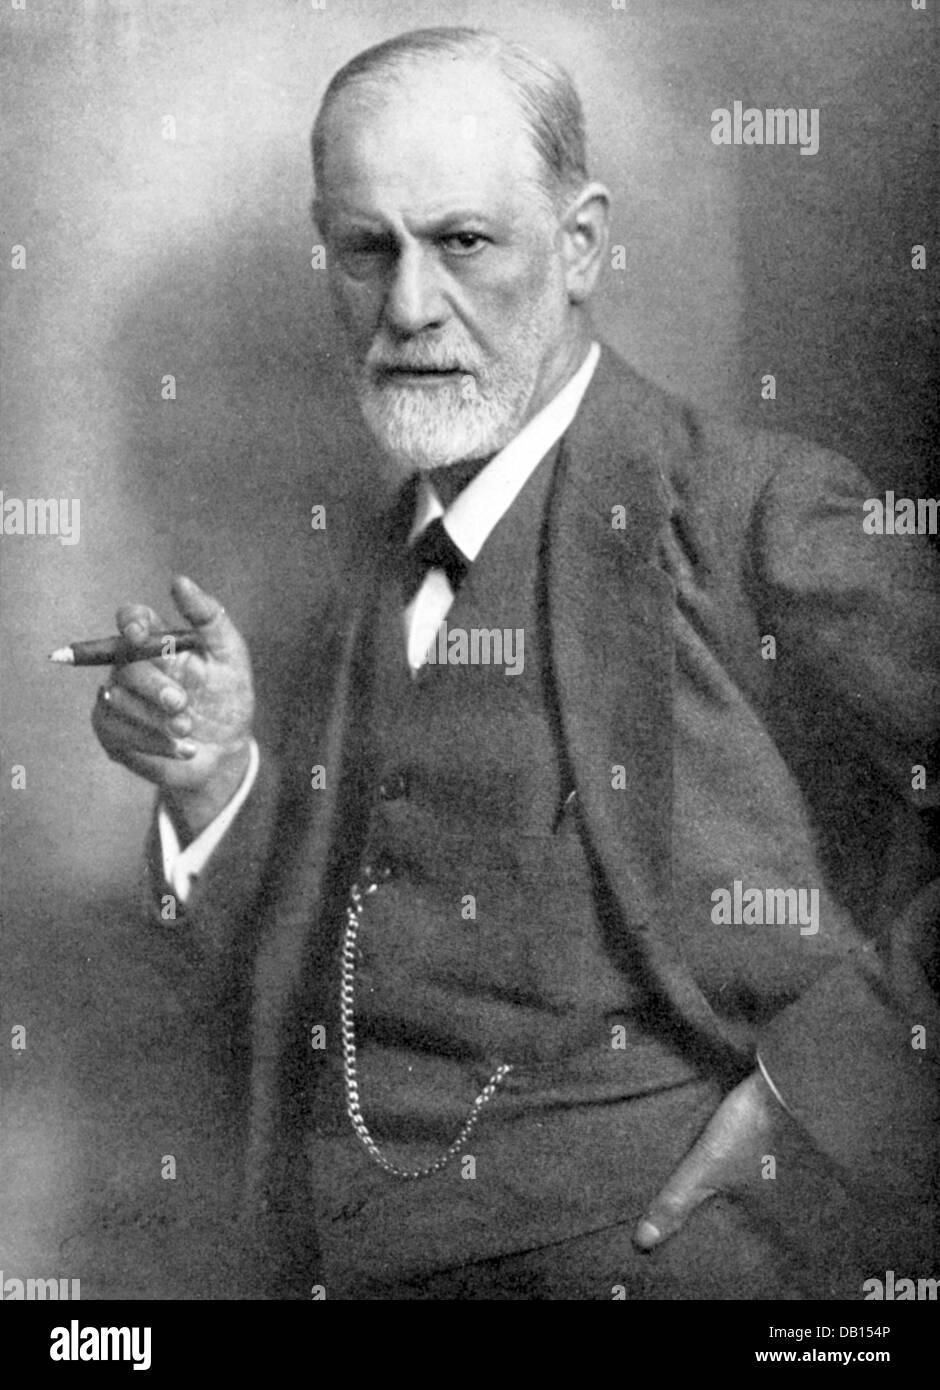 f4d9deb76 Sigmund Freud, österreichischer Neurologe. Begründer der ...